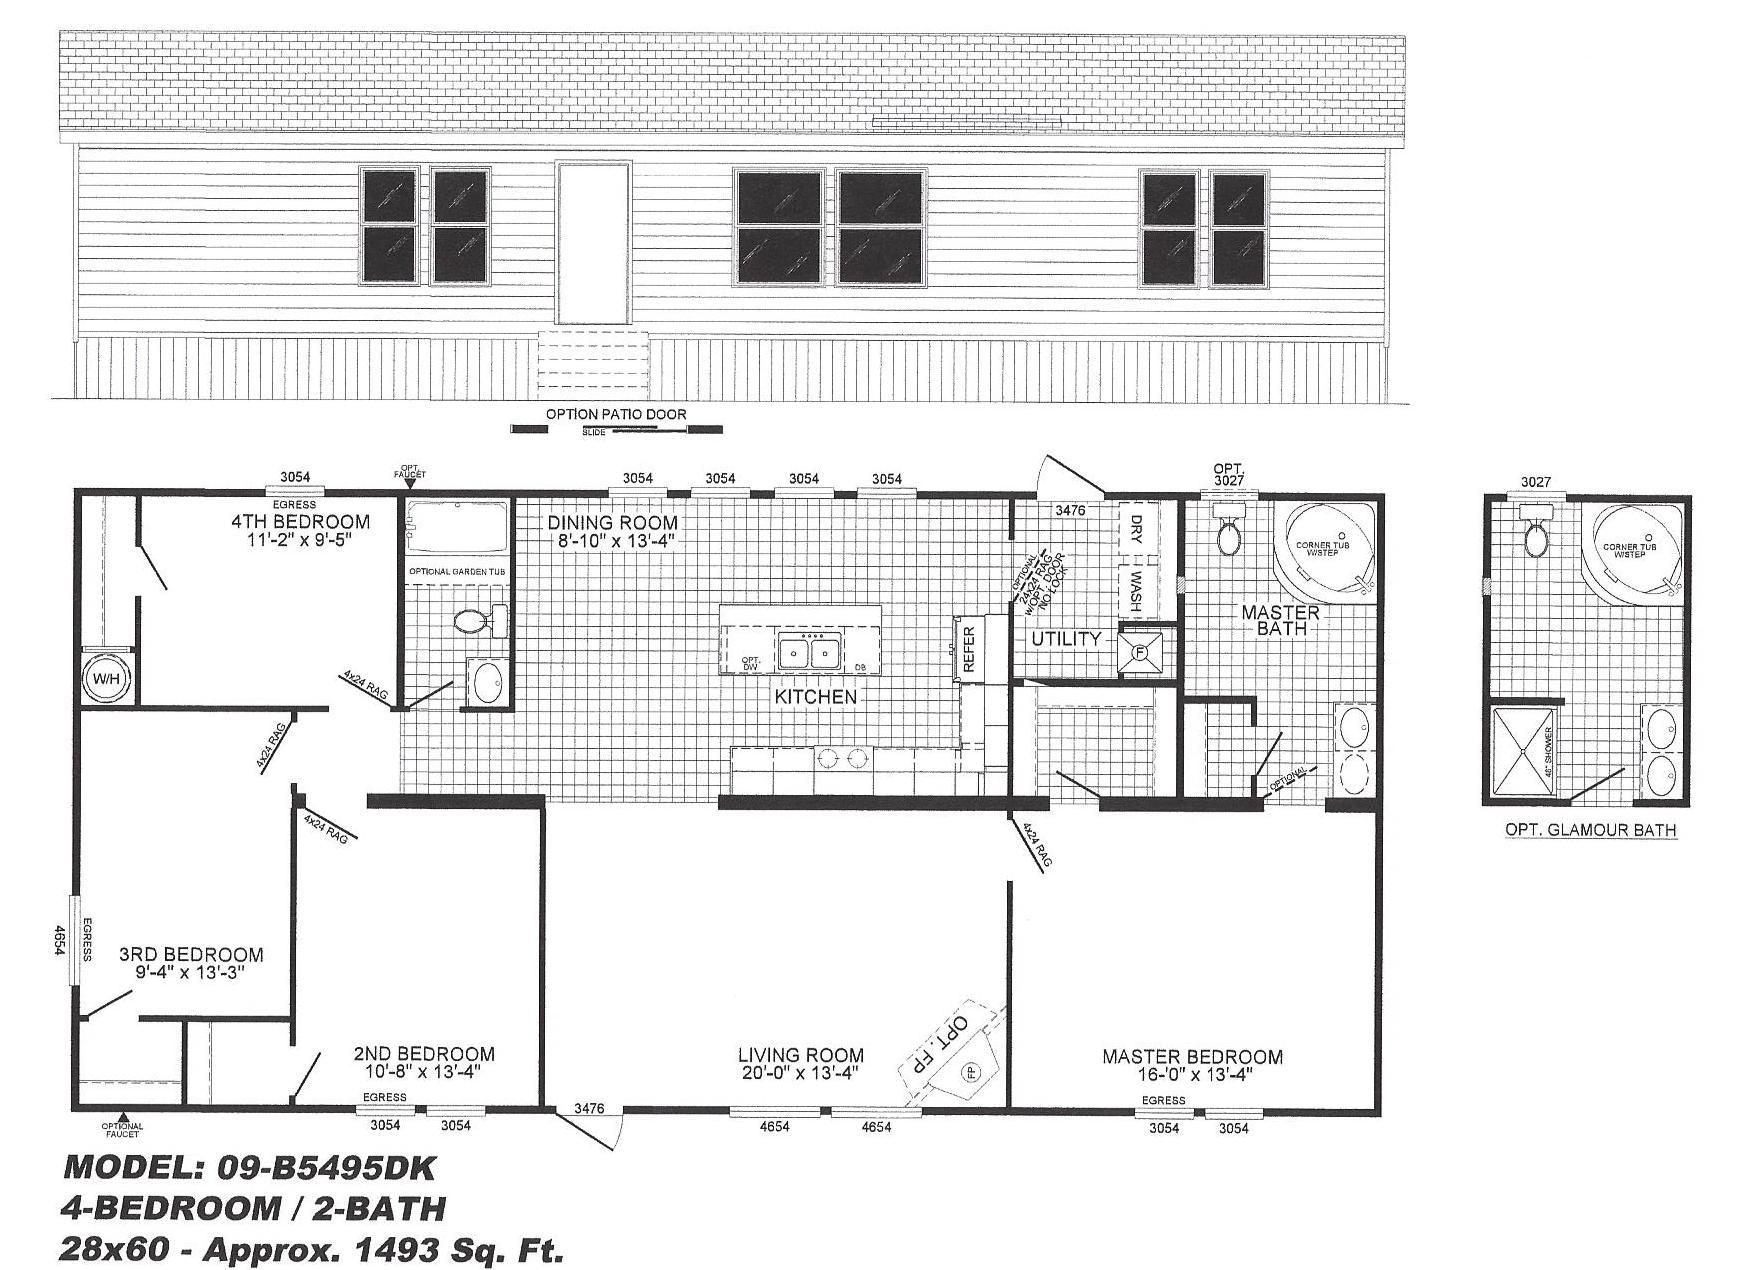 4-Bedroom Mobile Home Floor Plans